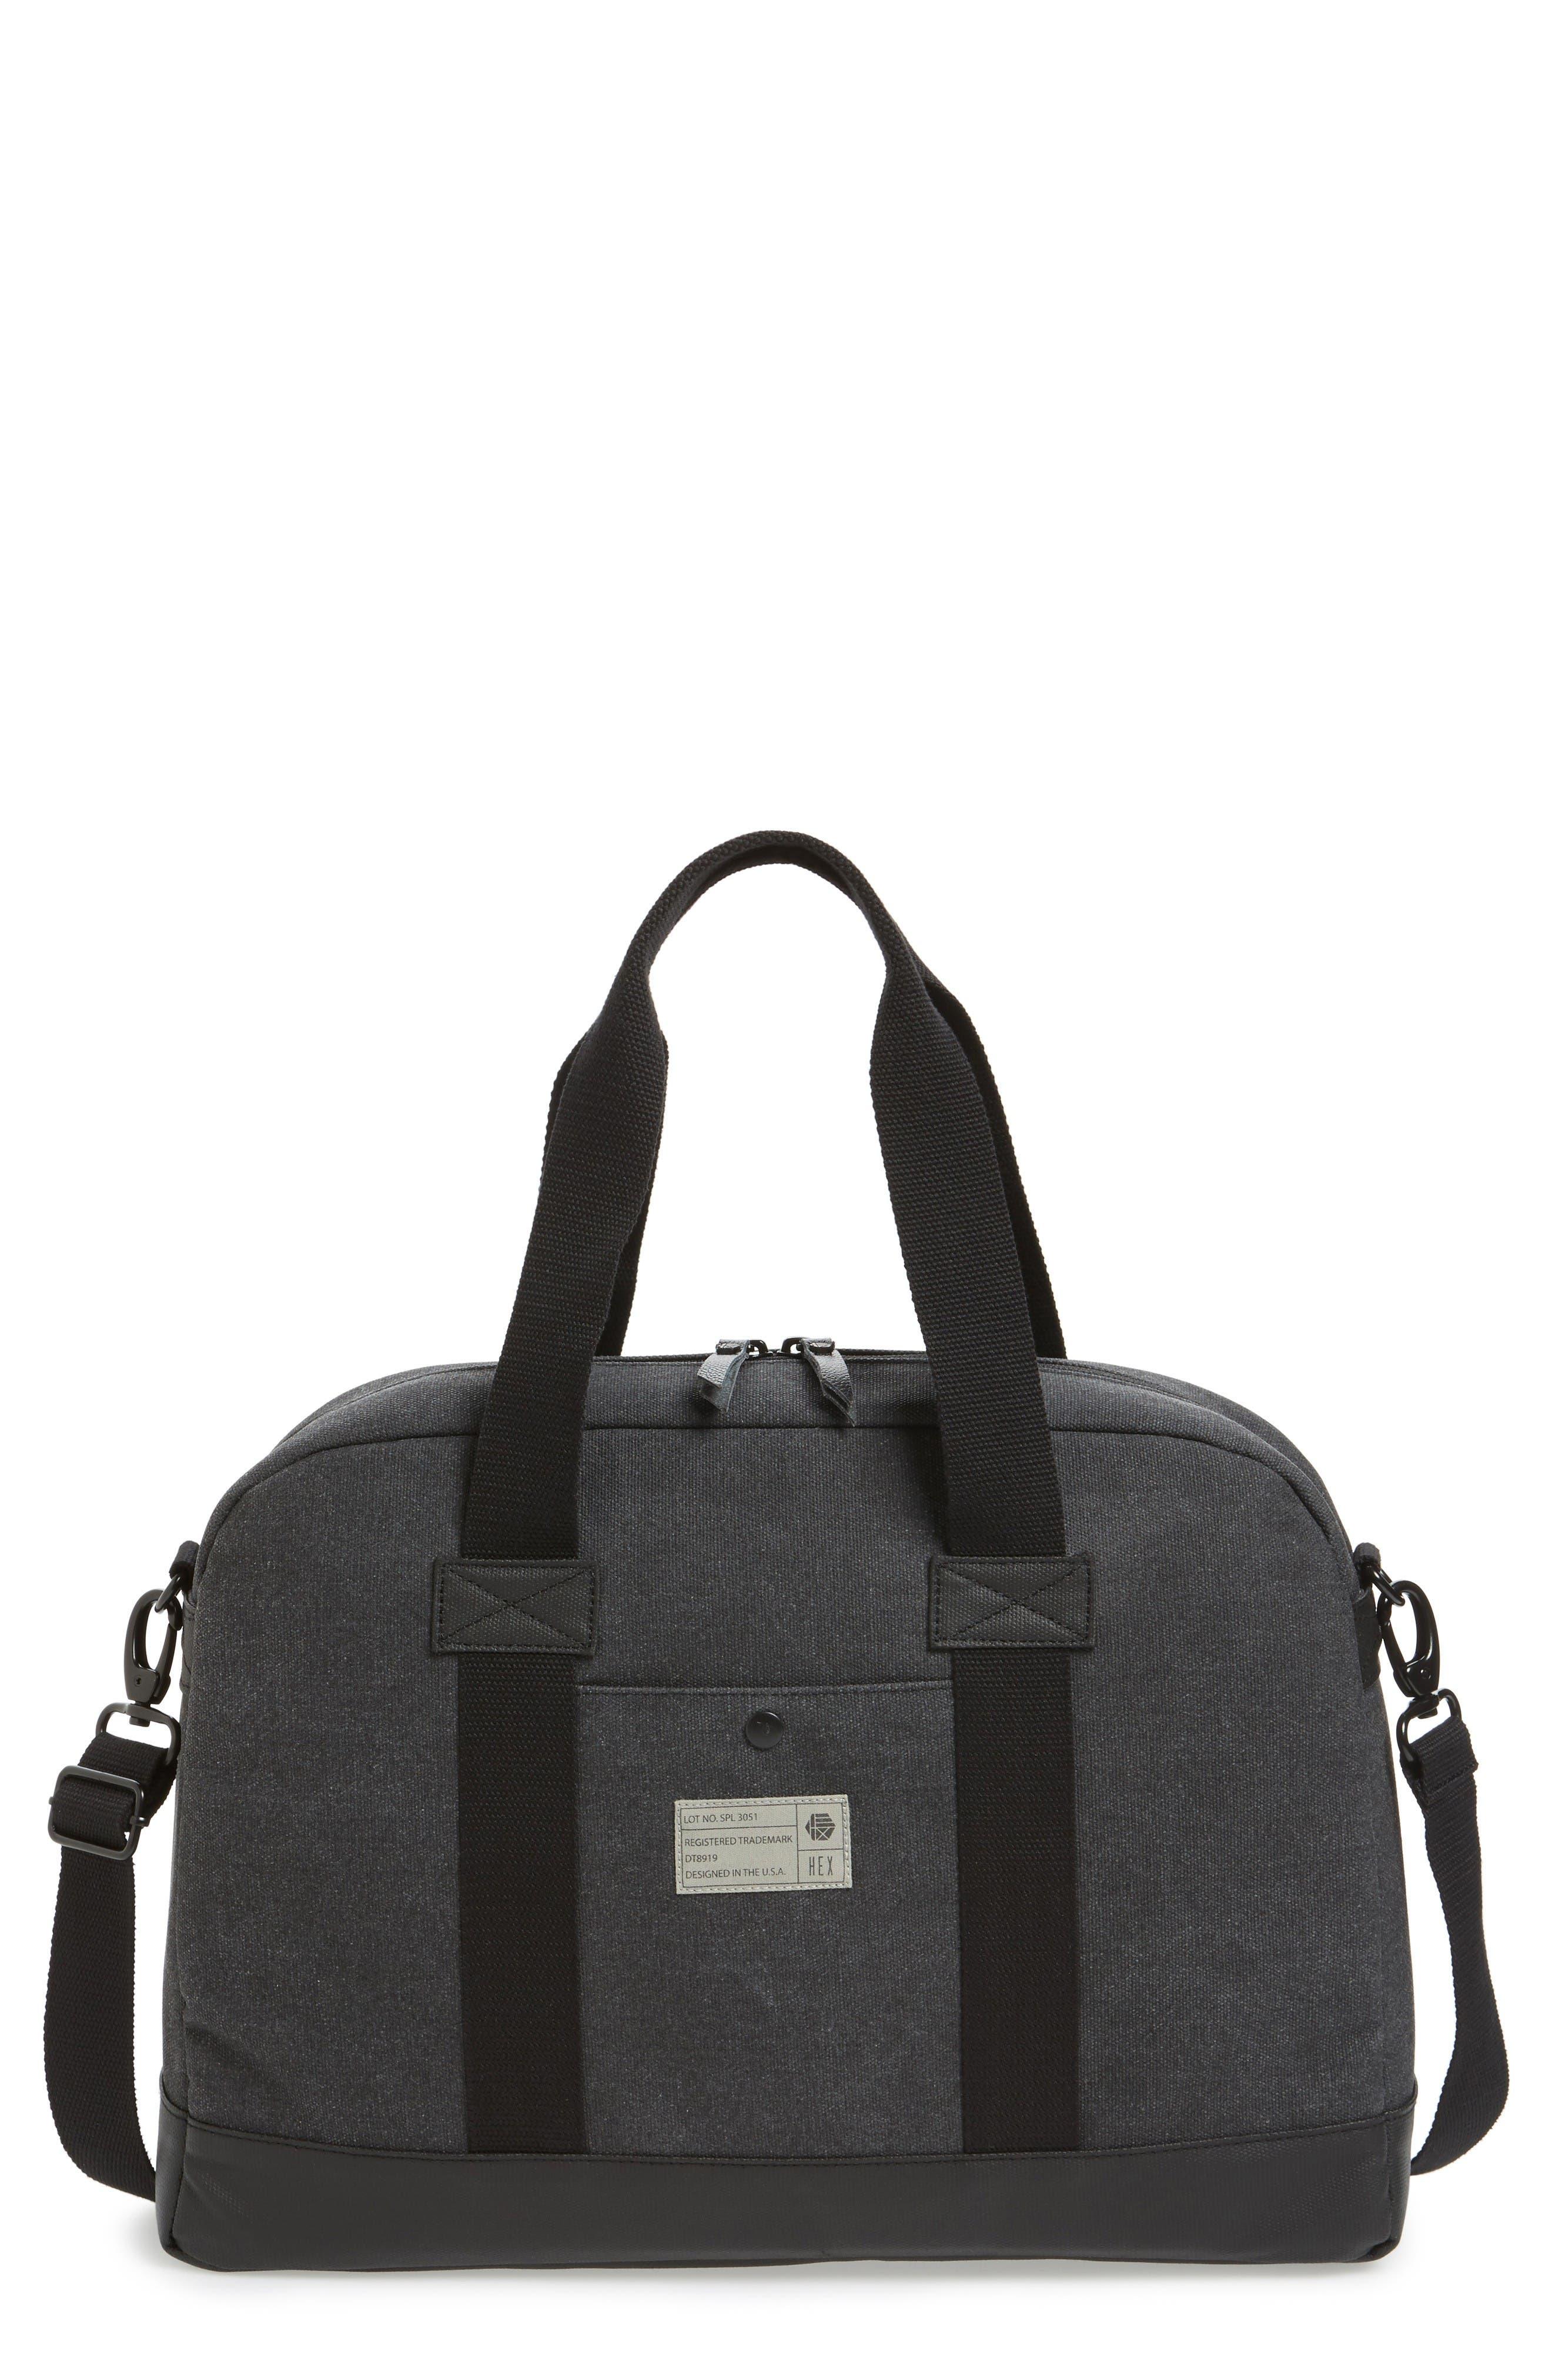 HEX Laptop Duffel Bag